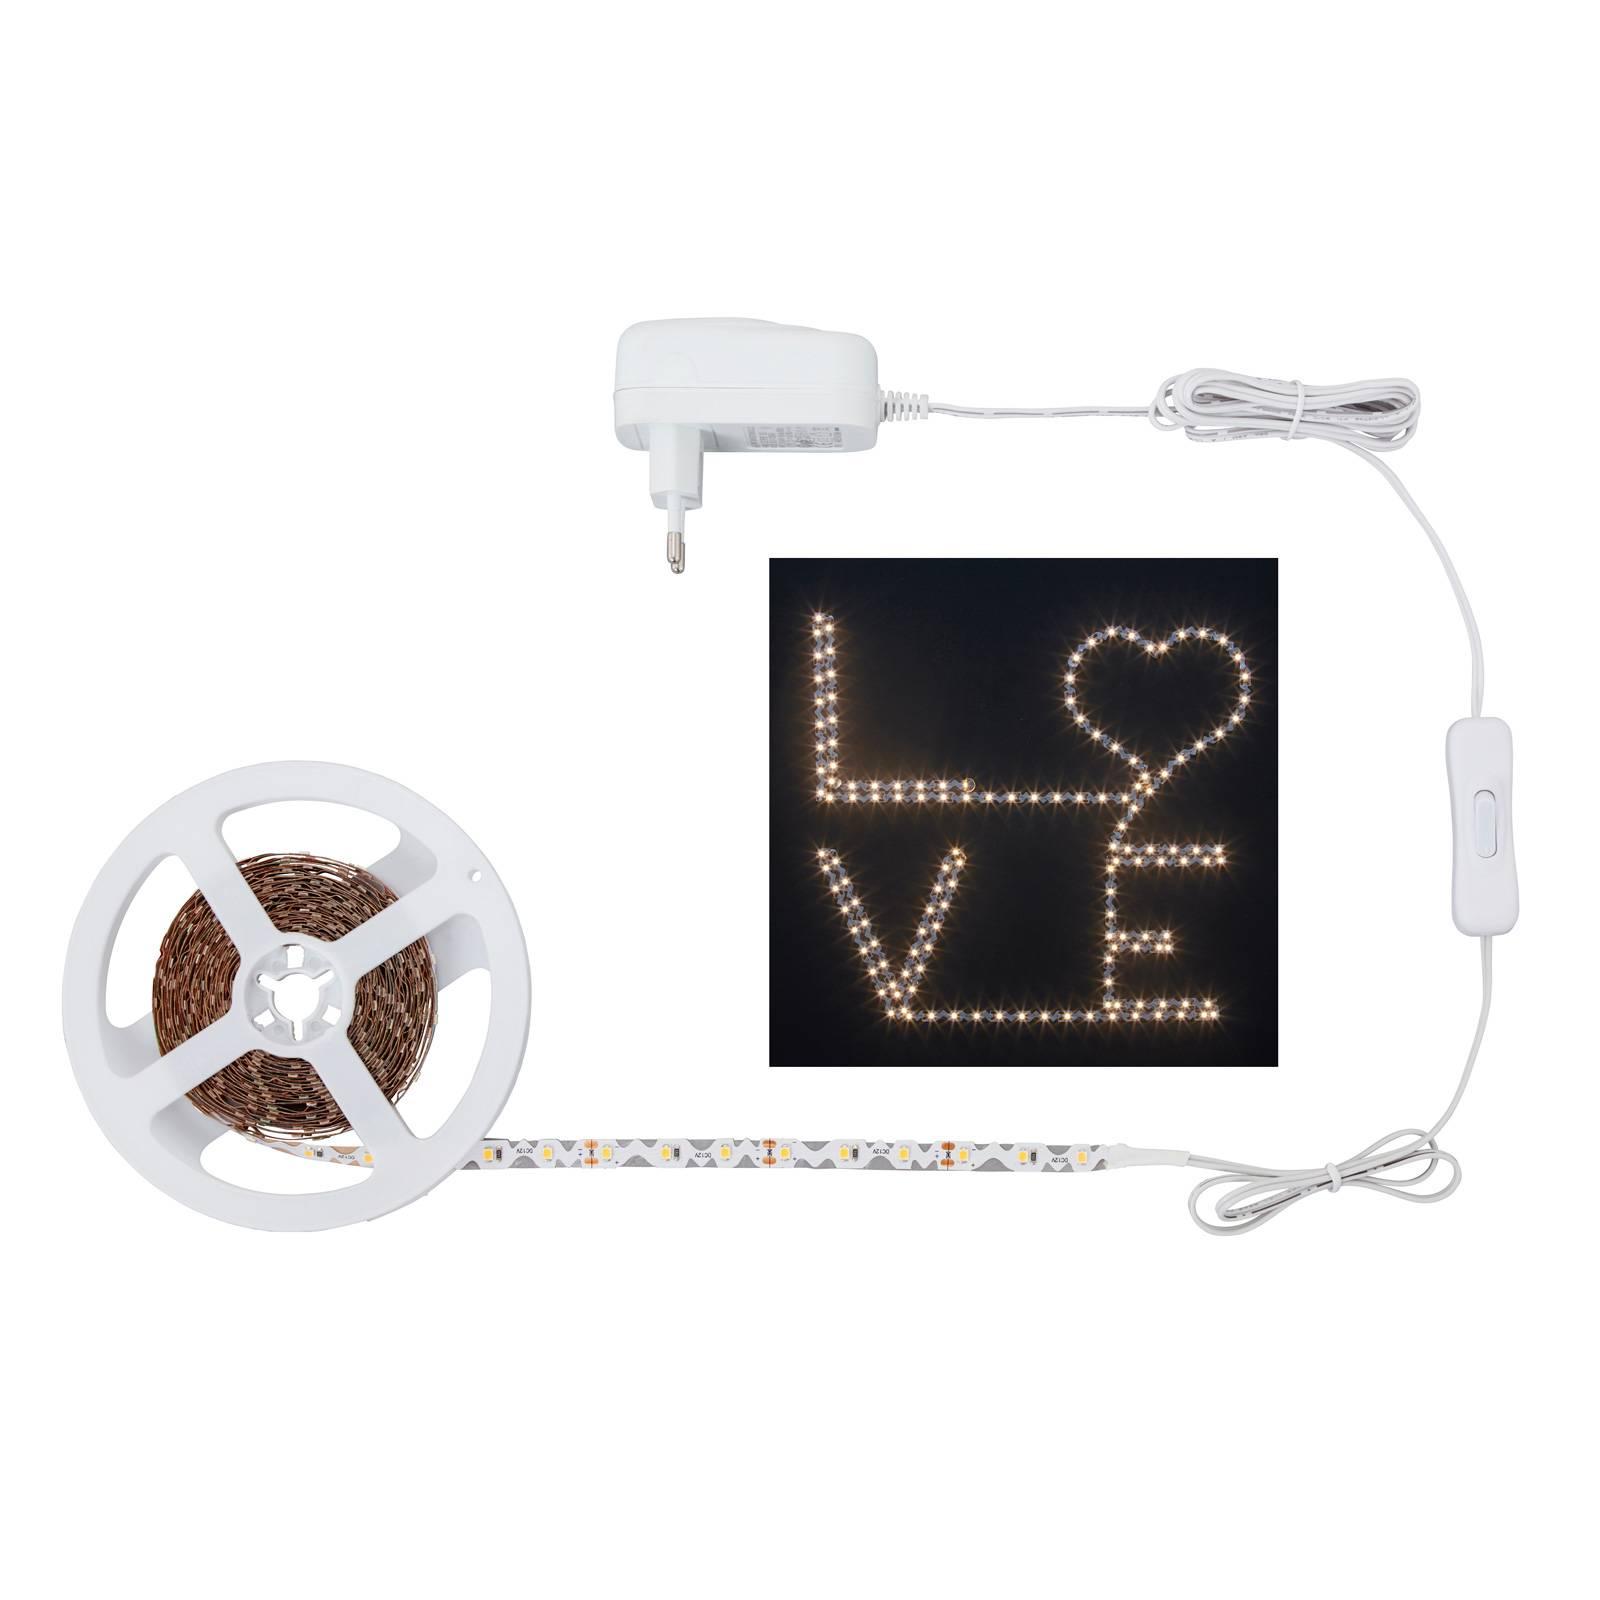 LED-nauha 2264-180 S-muoto, lämmin valkoinen